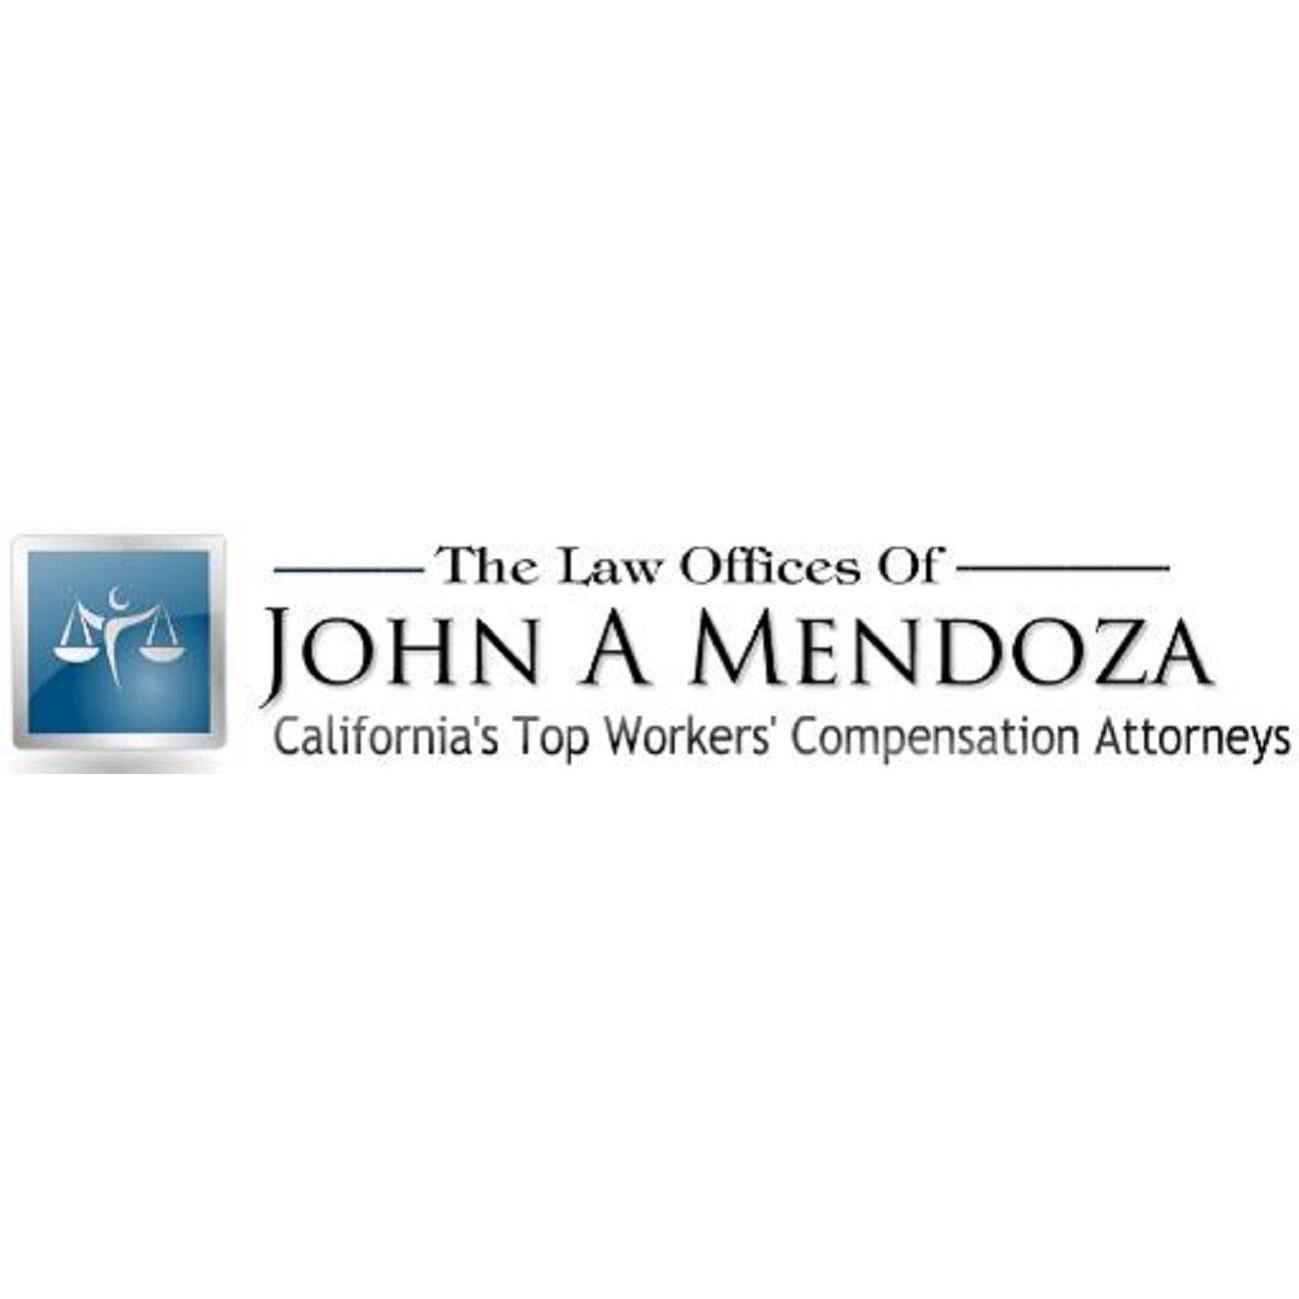 Attorney John Mendoza